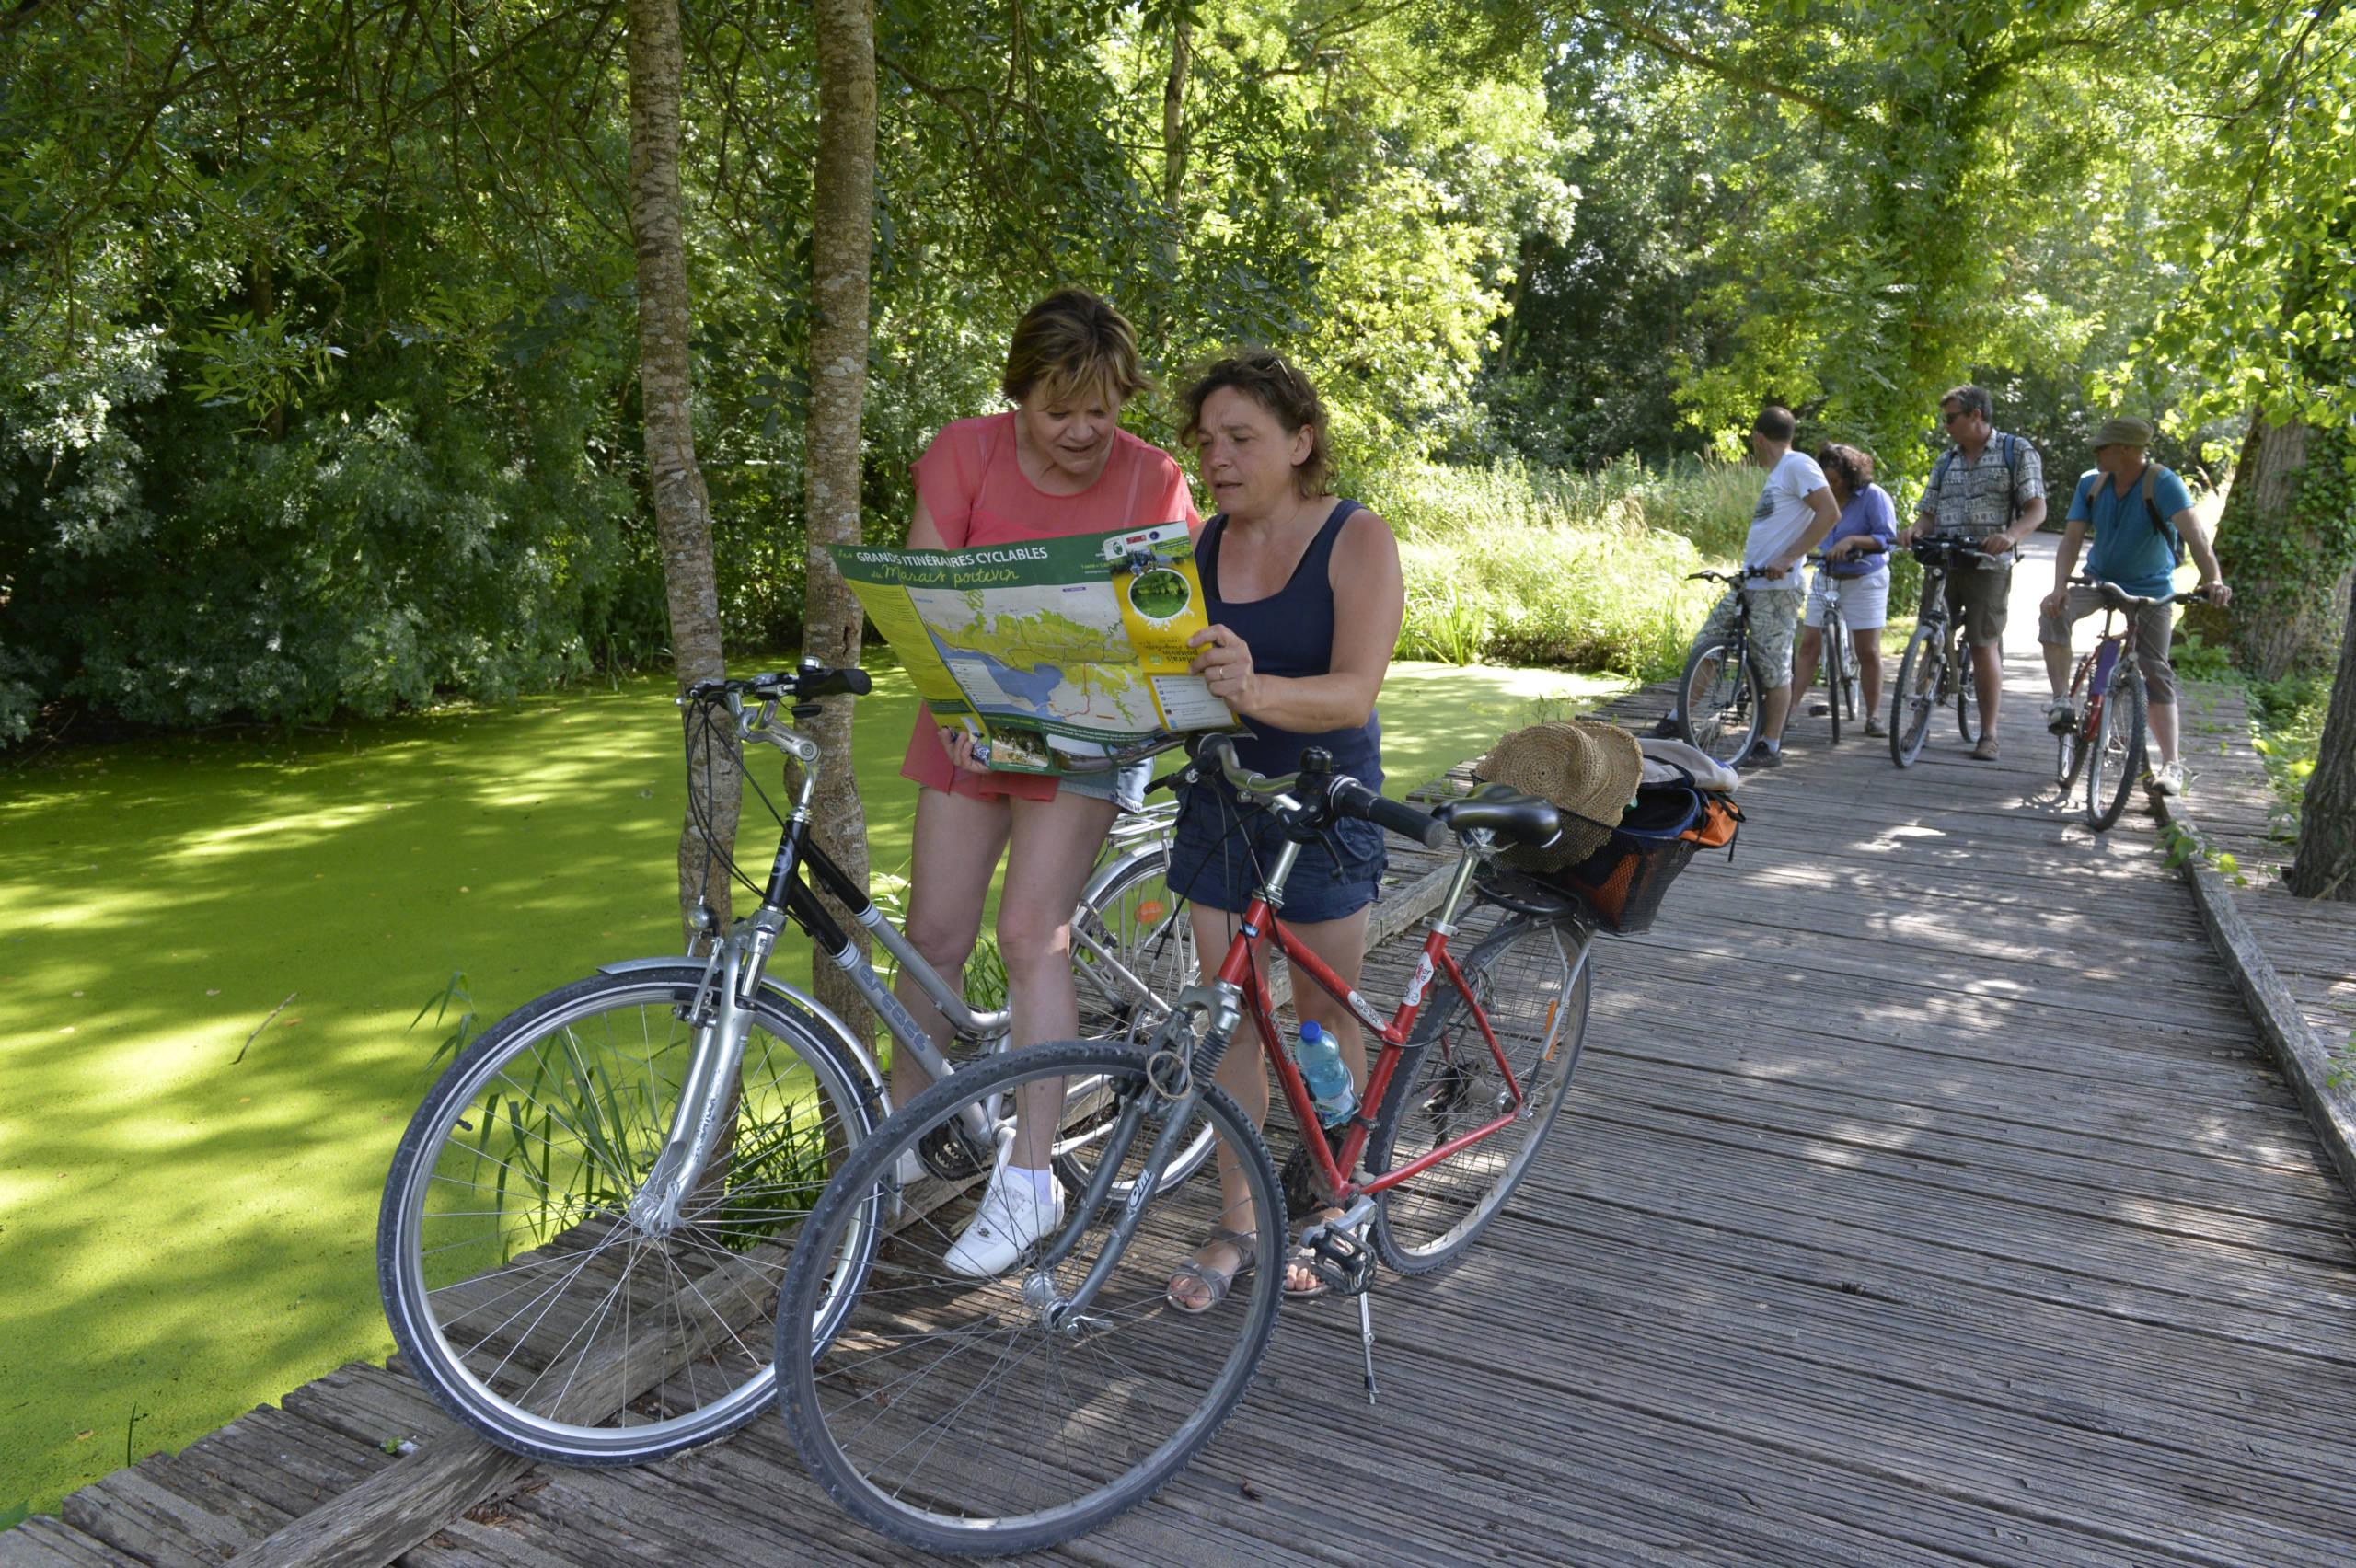 Cyclistes sur une passerelle en bois à La Garette dans le Parc naturel régional du Marais poitevin